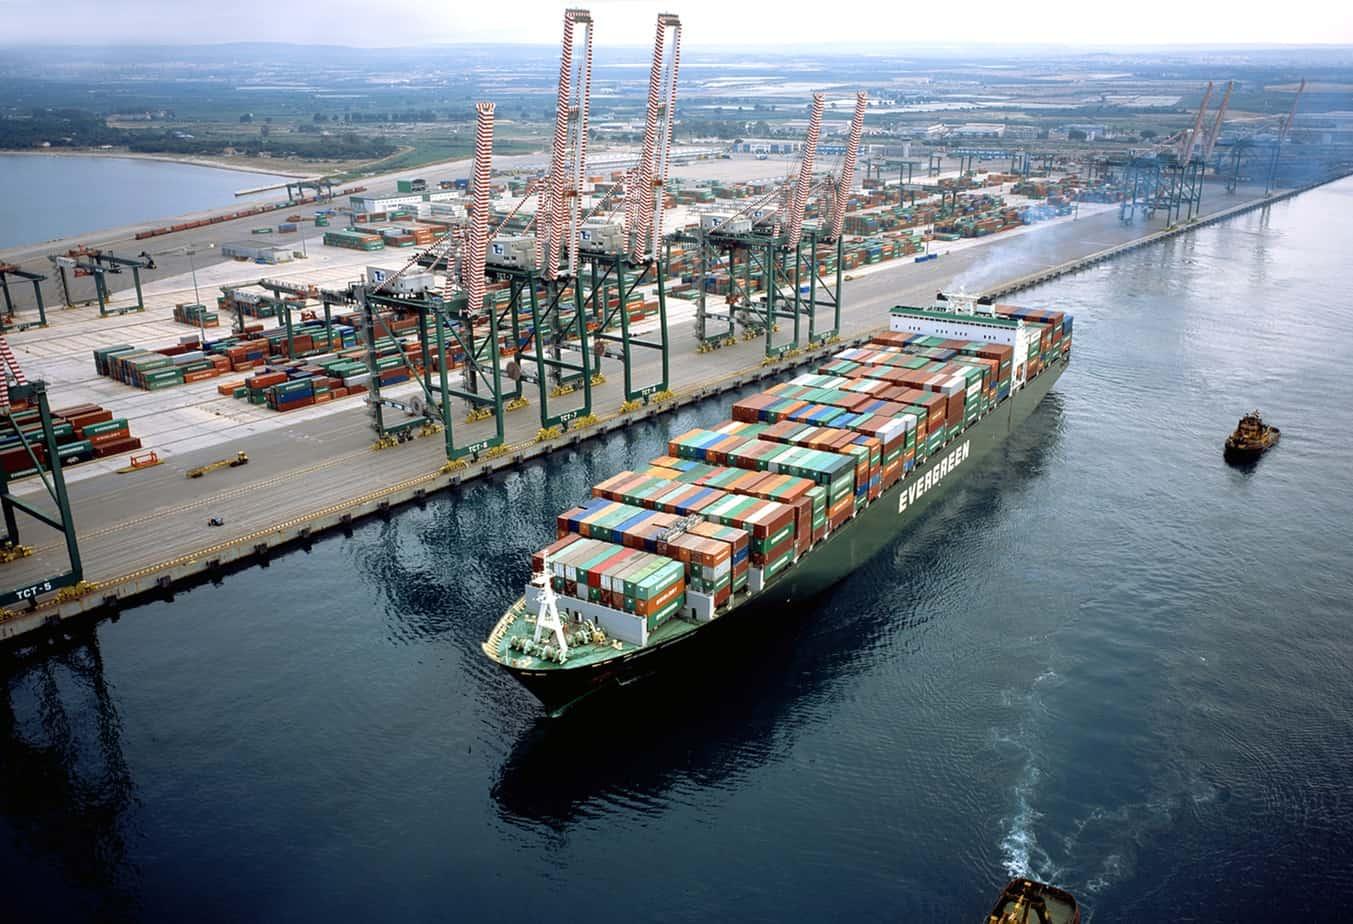 Una nave portacontainer dell'Evergreen al porto di Taranto. Gli attuali fondali sono insufficienti per le grandi navi che l'Armatore taiwanese intende far arrivare a Taranto